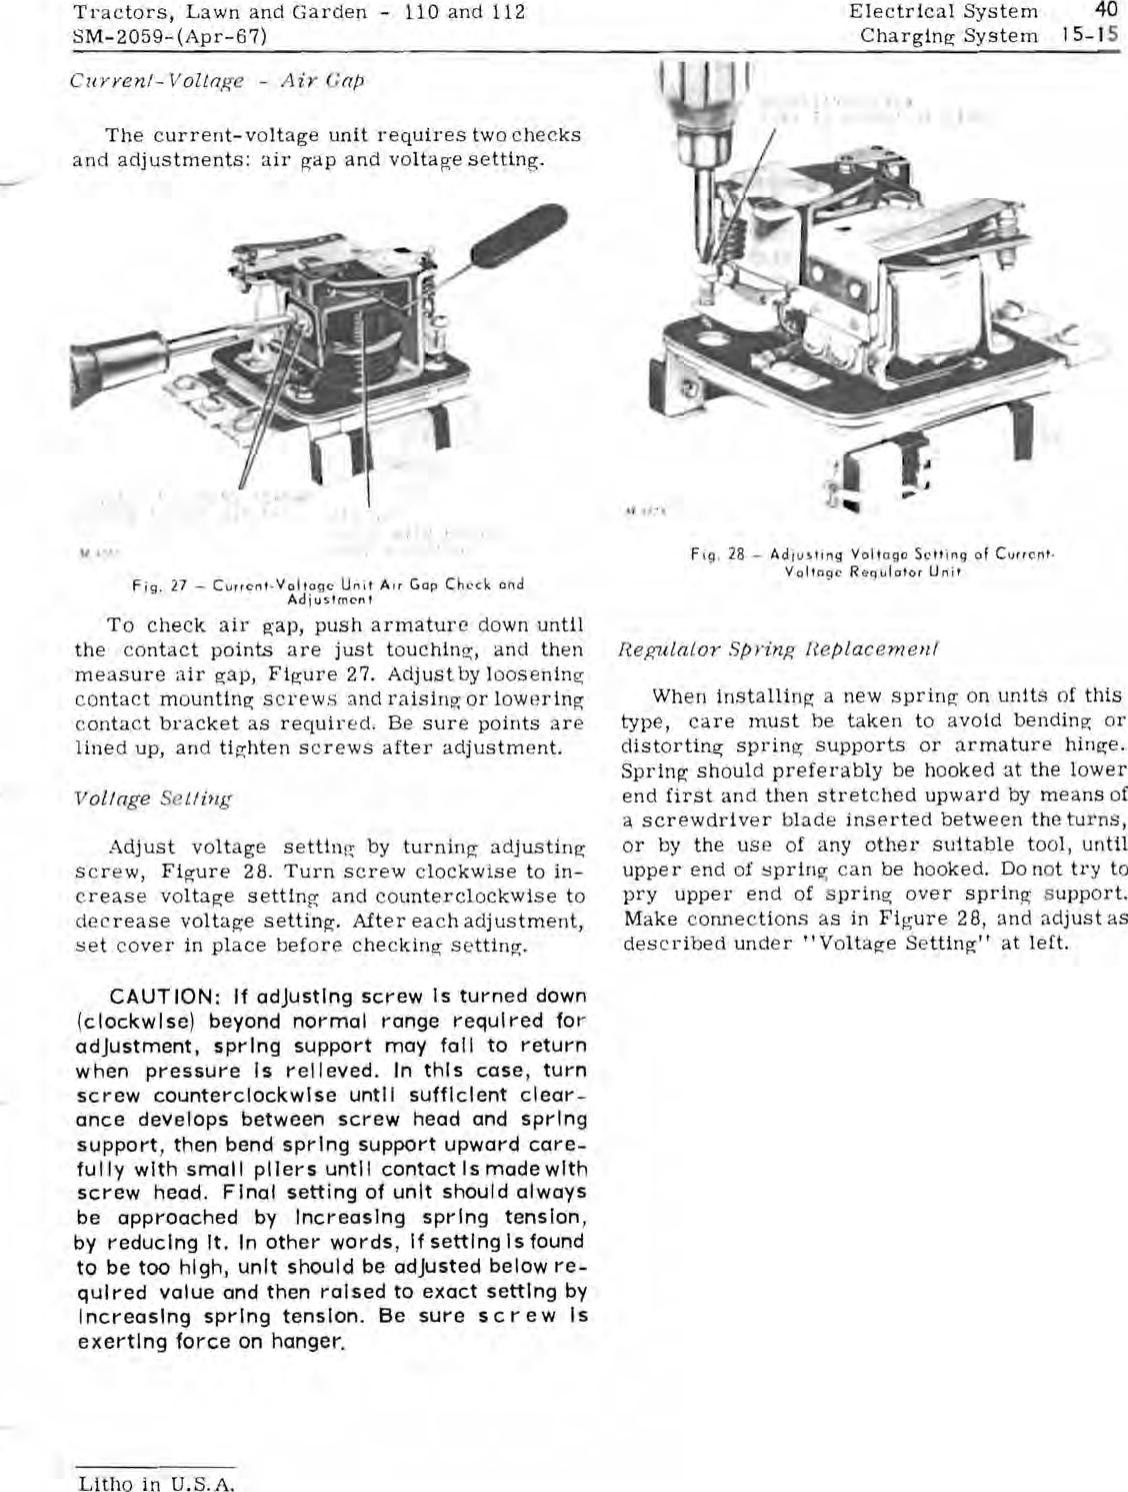 John Deere 40 S Wiring Diagram Free Download - Wiring Diagram M3 on